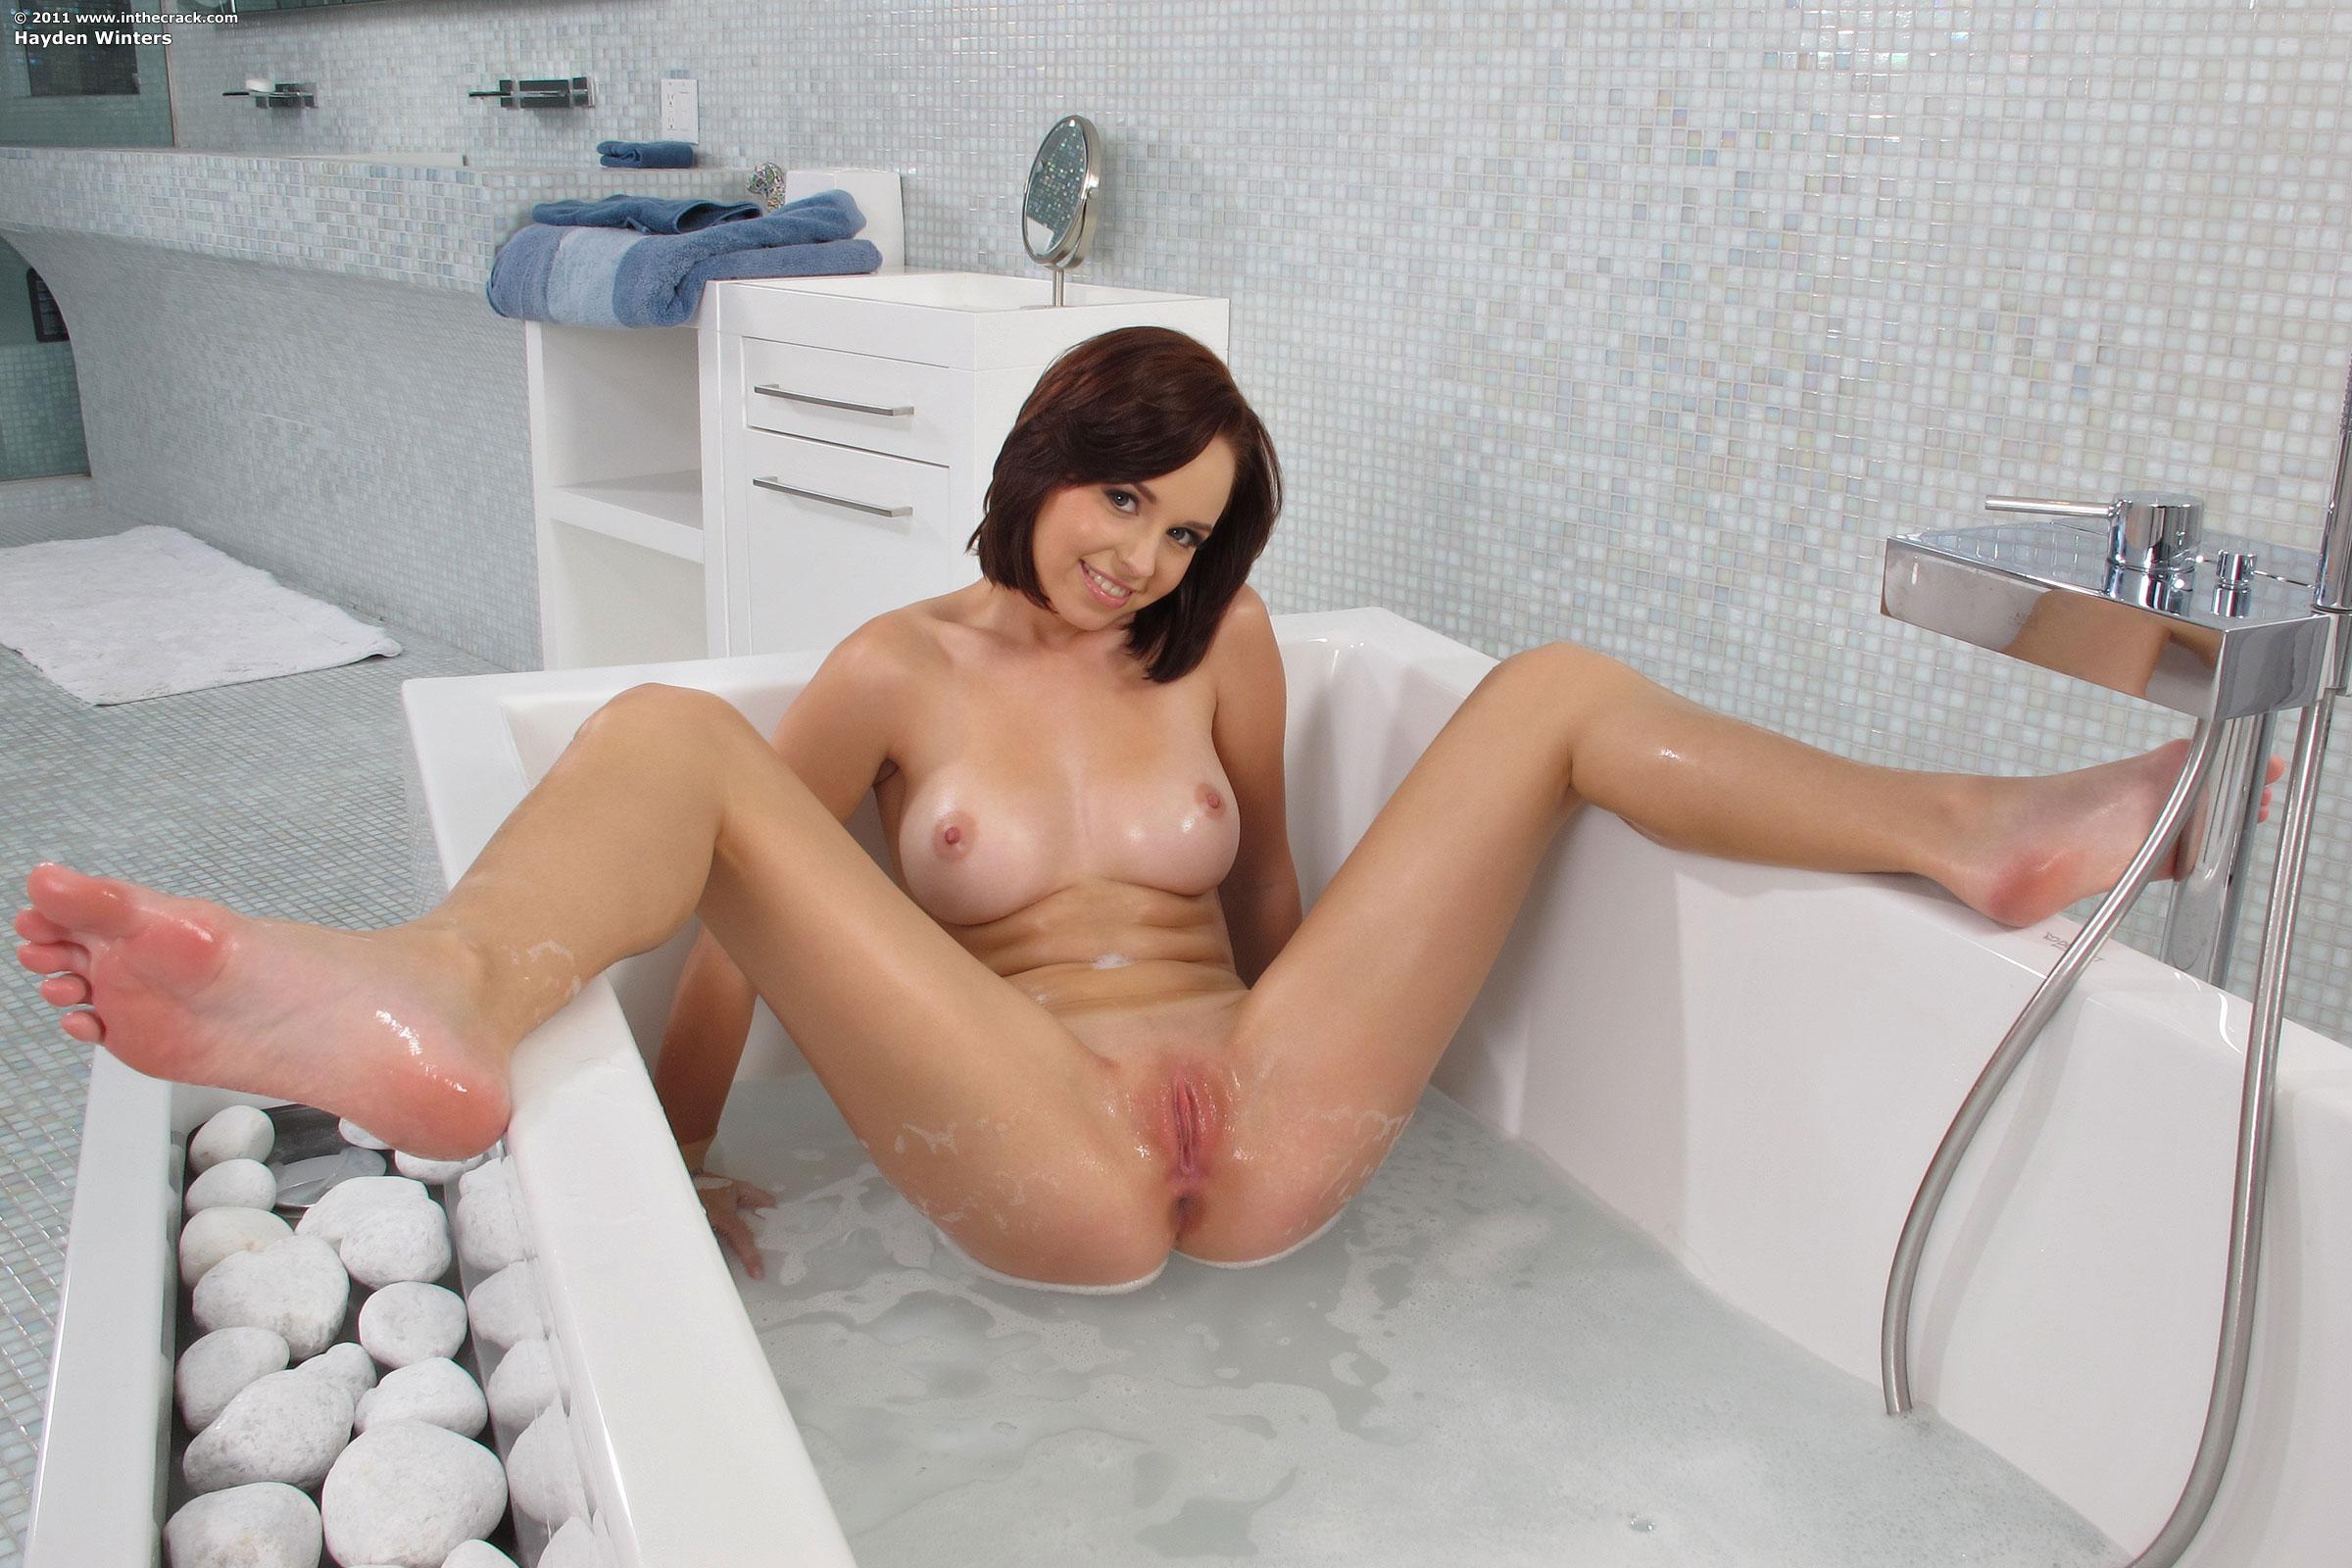 Роли мужчины молодая брюнетка мастурбирует в ванной видео видео секс онлайн